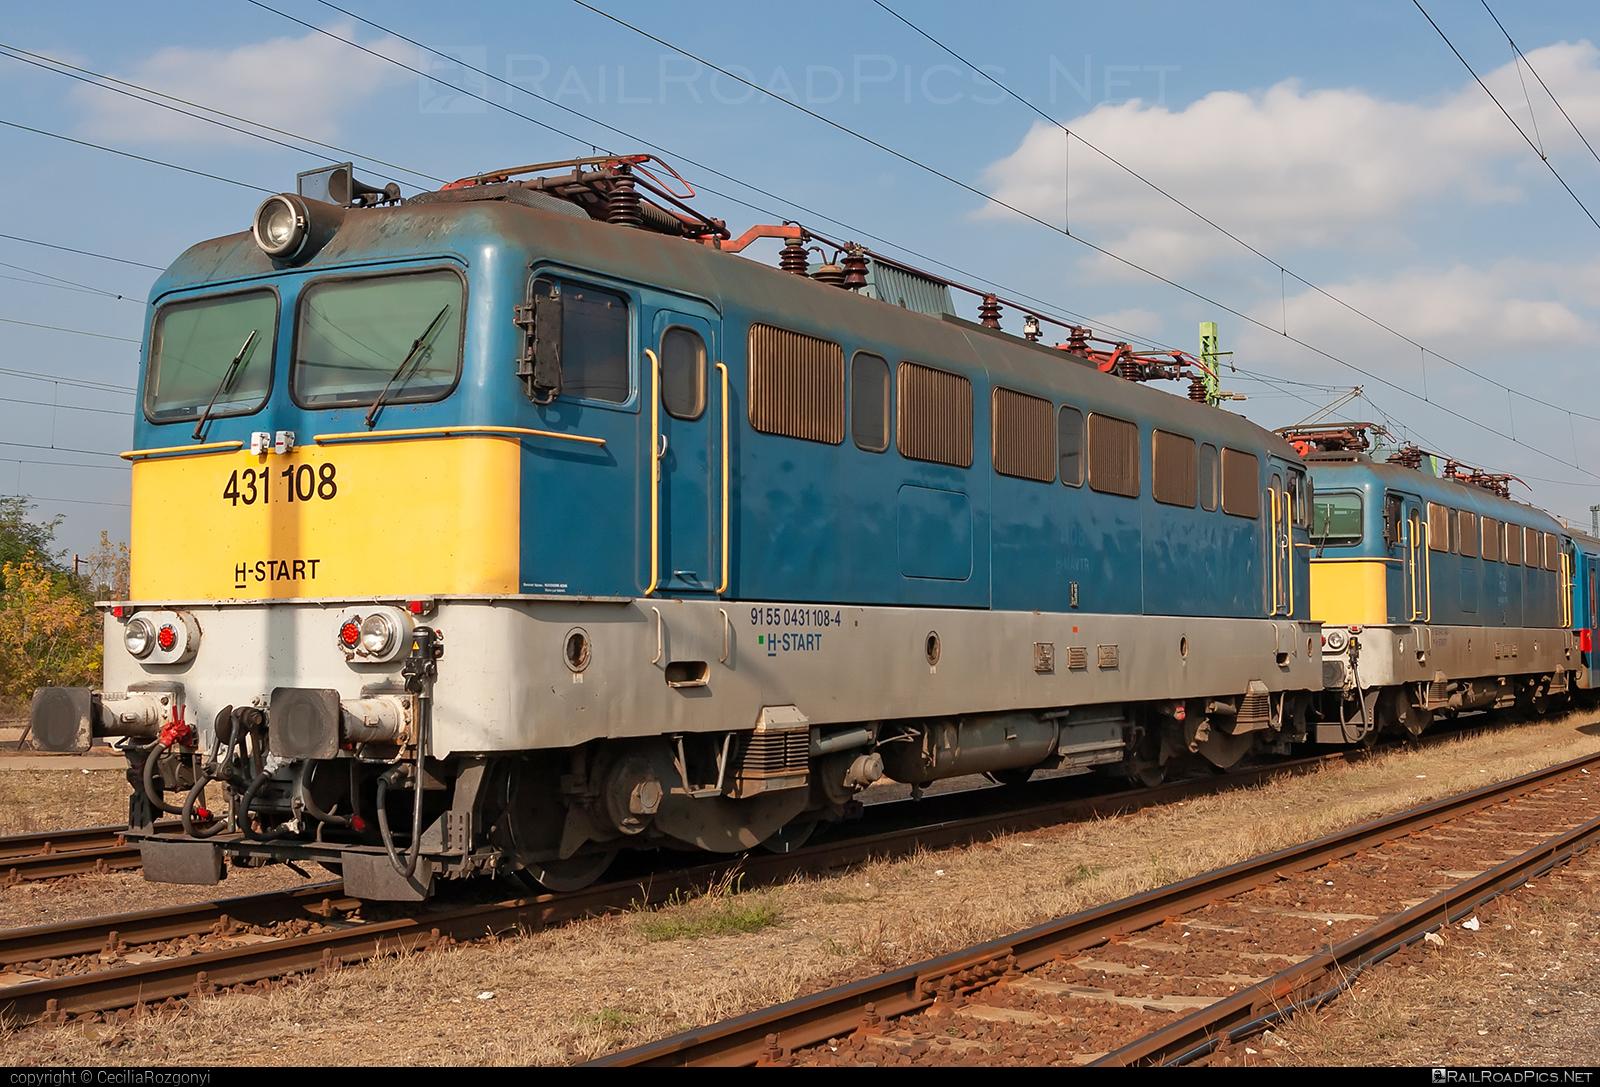 Ganz-MÁVAG VM14-11 - 431 108 operated by MÁV-START ZRt. #ganz43 #ganz431 #ganzmavag #ganzmavag43 #ganzmavag431 #ganzmavagvm1411 #mavstart #mavstartzrt #v43locomotive